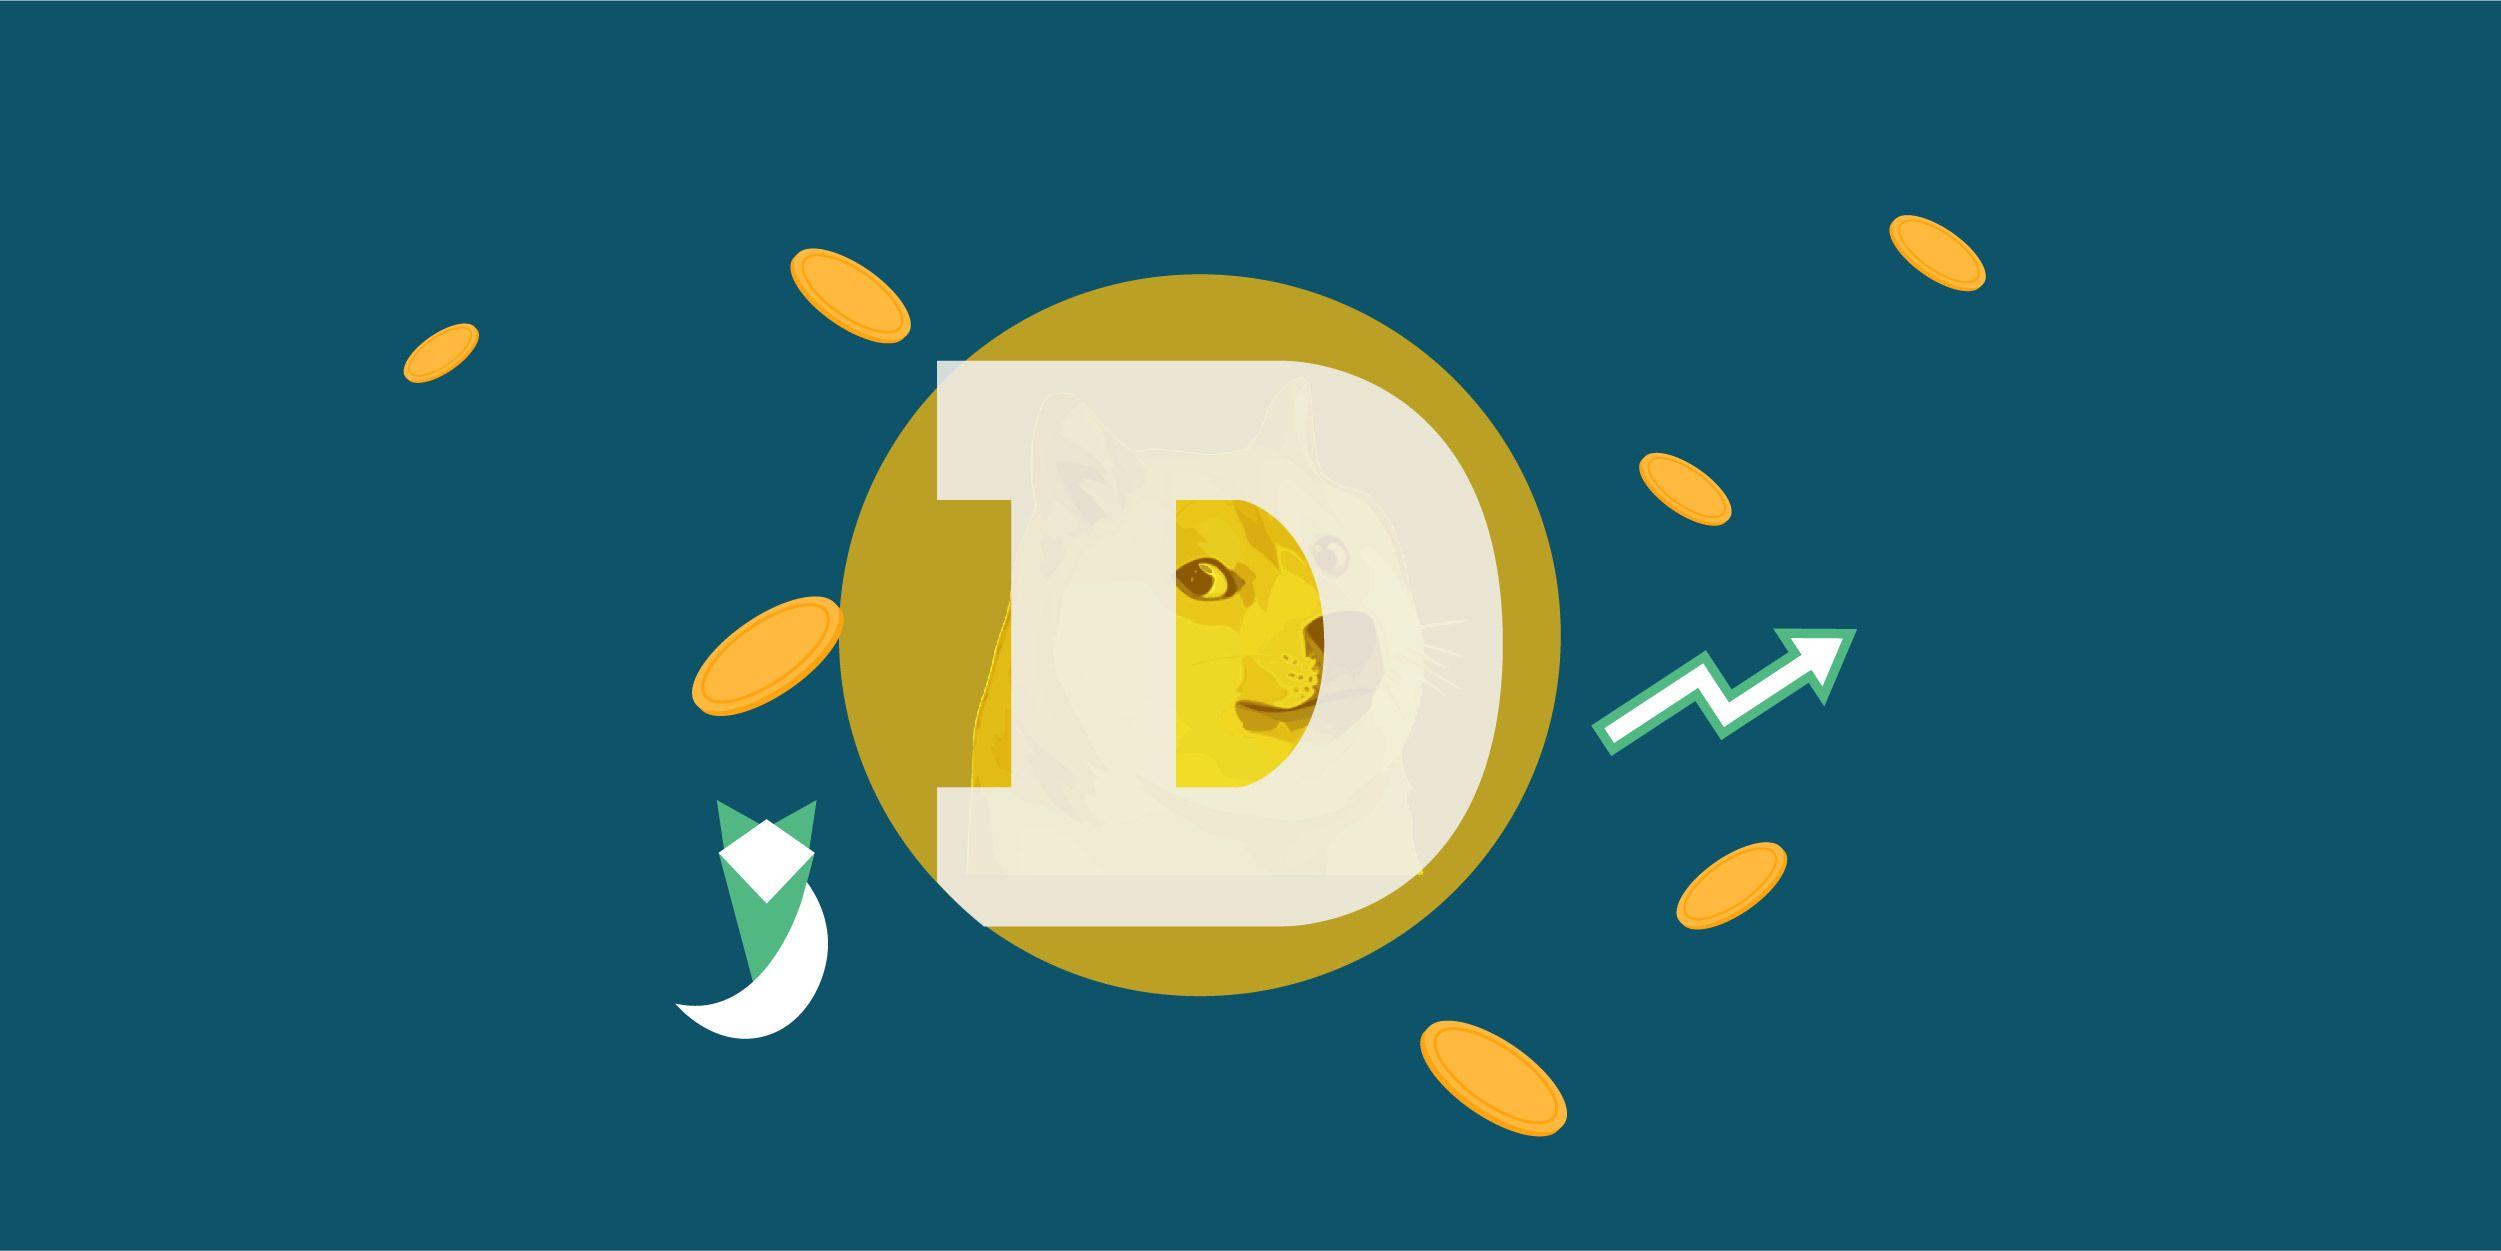 الدوجكوين/Dog coin بتتفوق على البيتكوين!